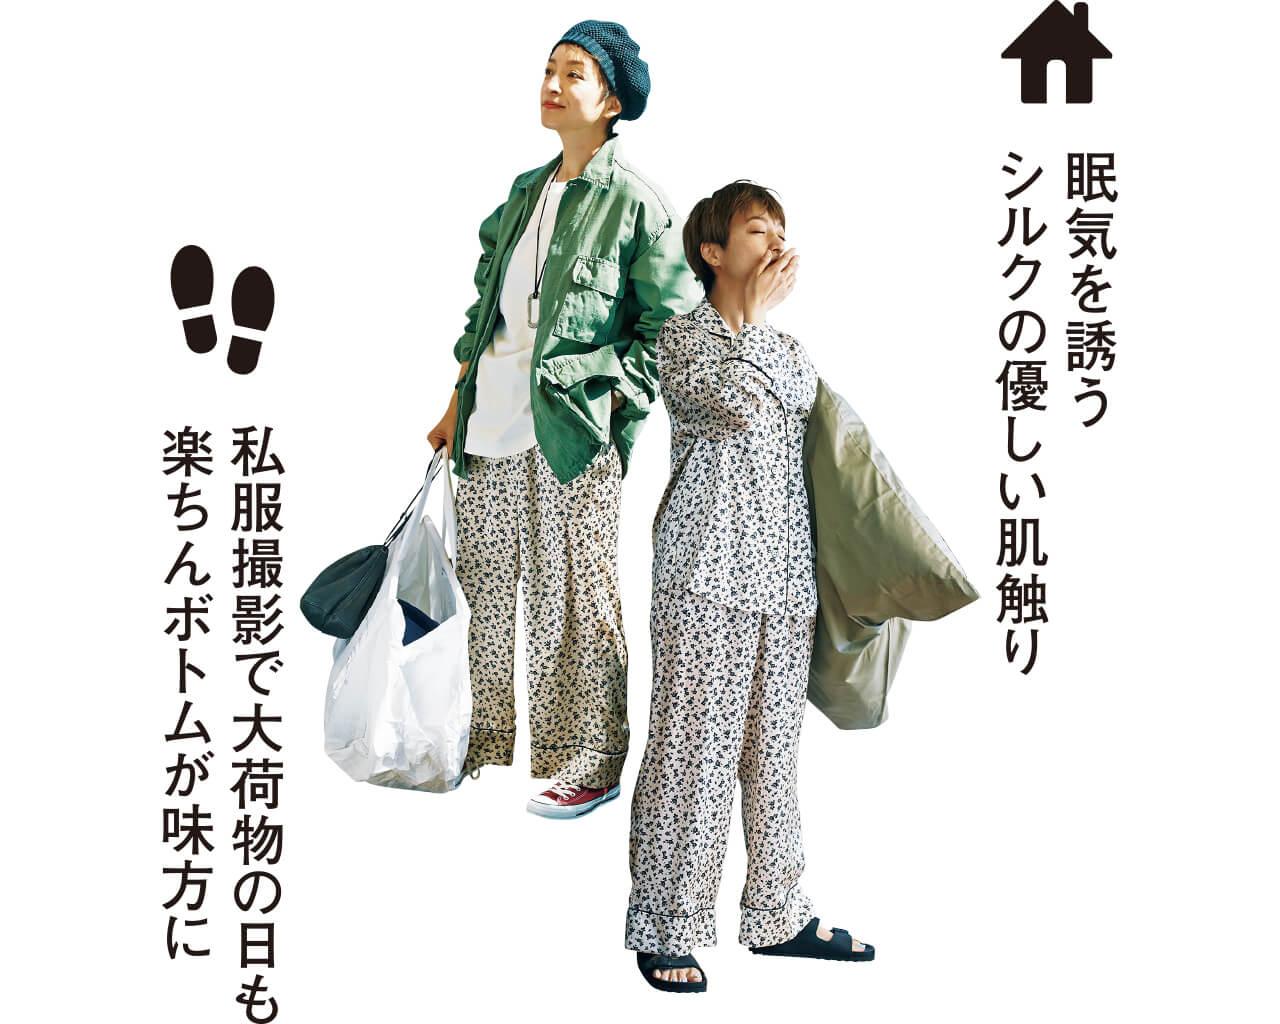 高山都さんと選ぶ外出対応パジャマ02 パジャマ(上下セット)¥39600/メゾン イエナ(エミリー ウィーク)